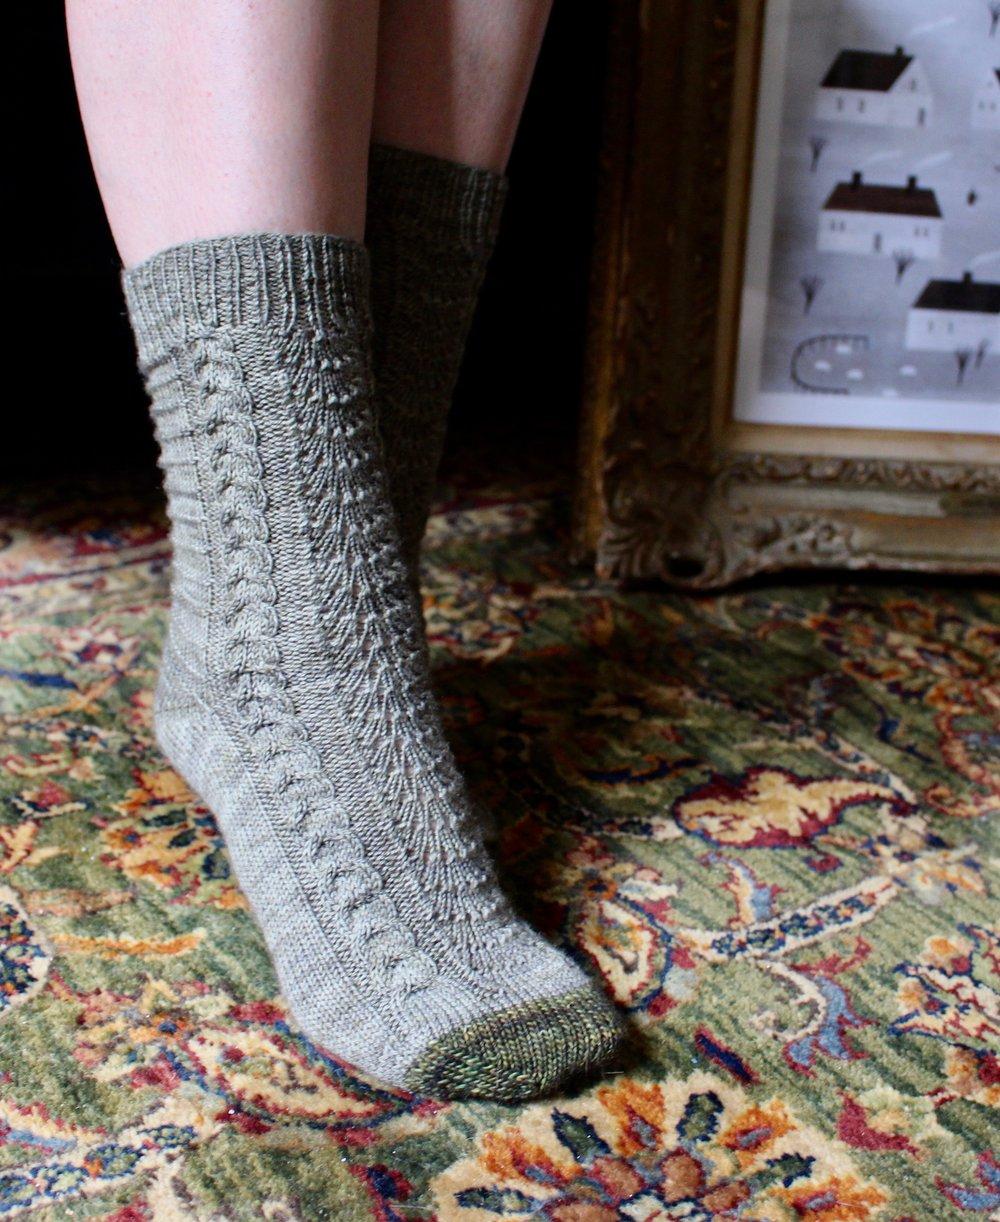 Irving socks